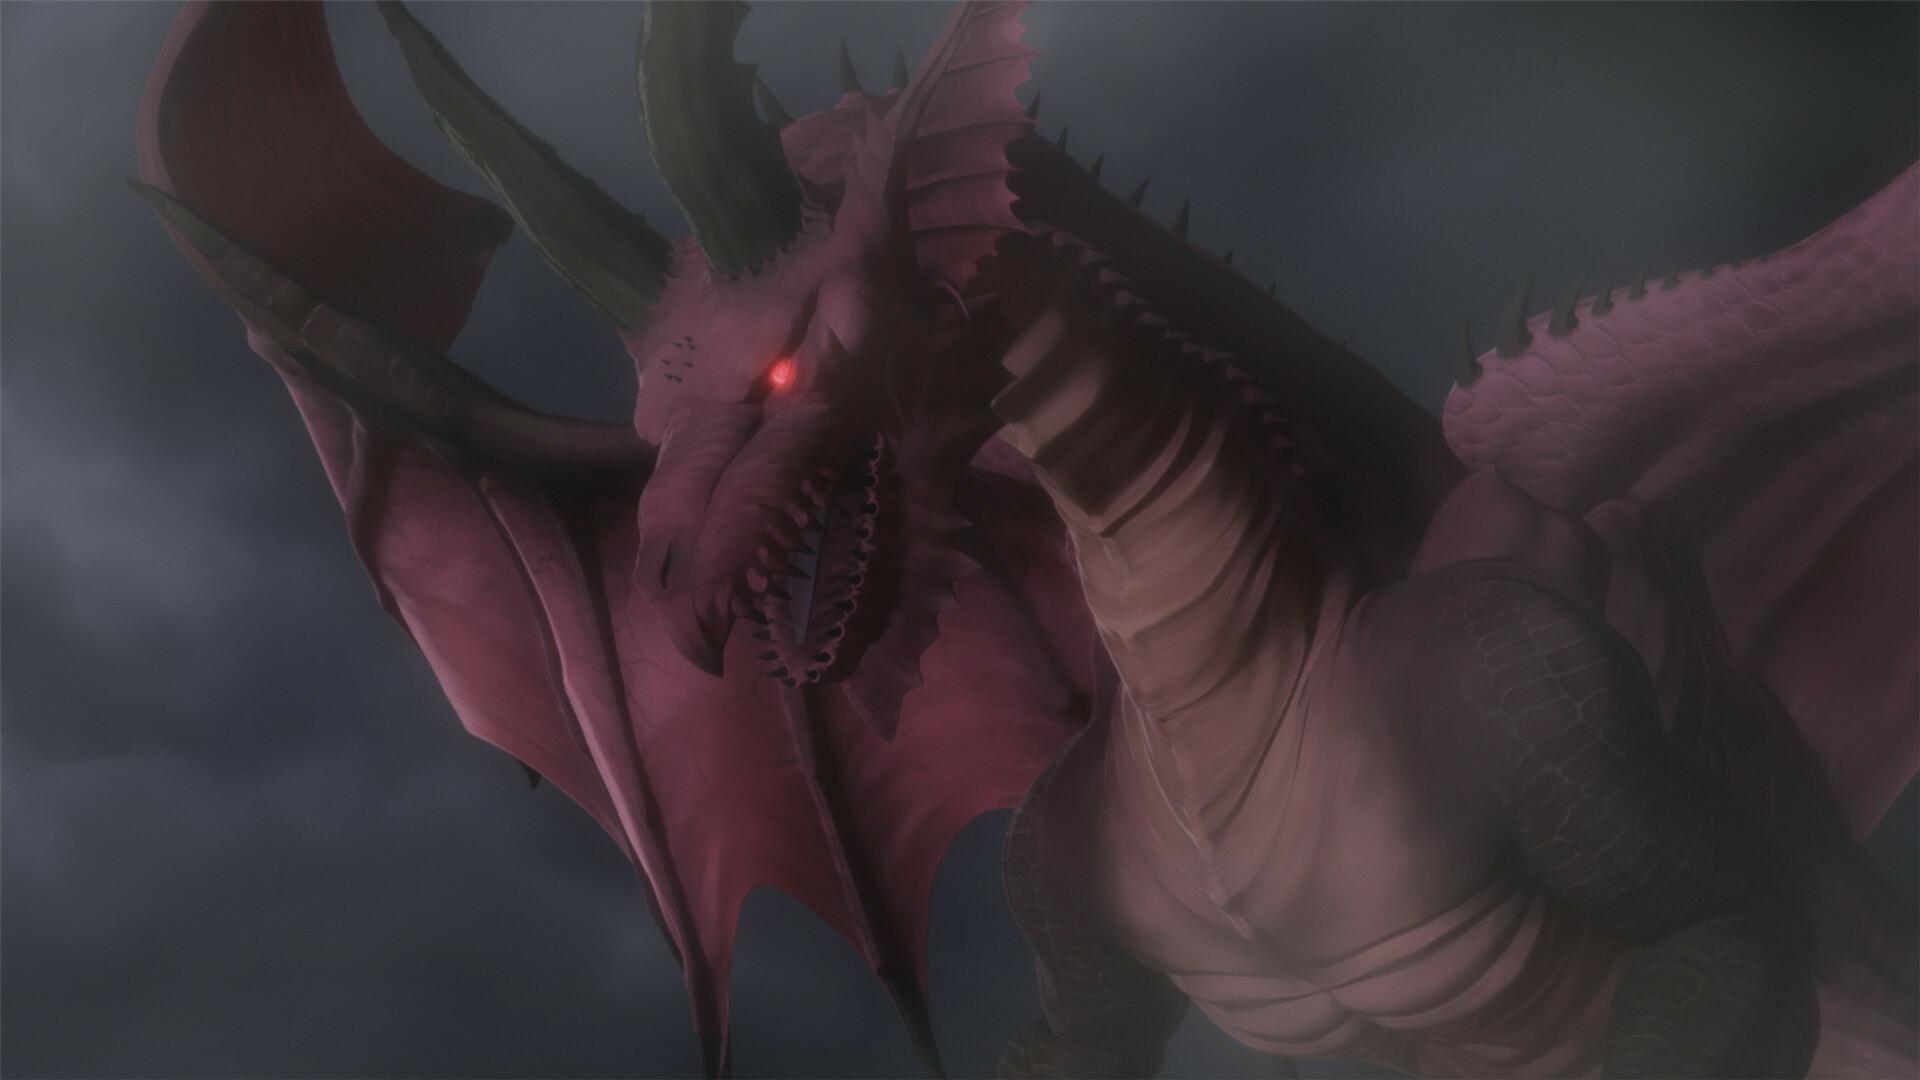 Постер и кадры аниме-сериала Dragon's Dogma от Netflix 3